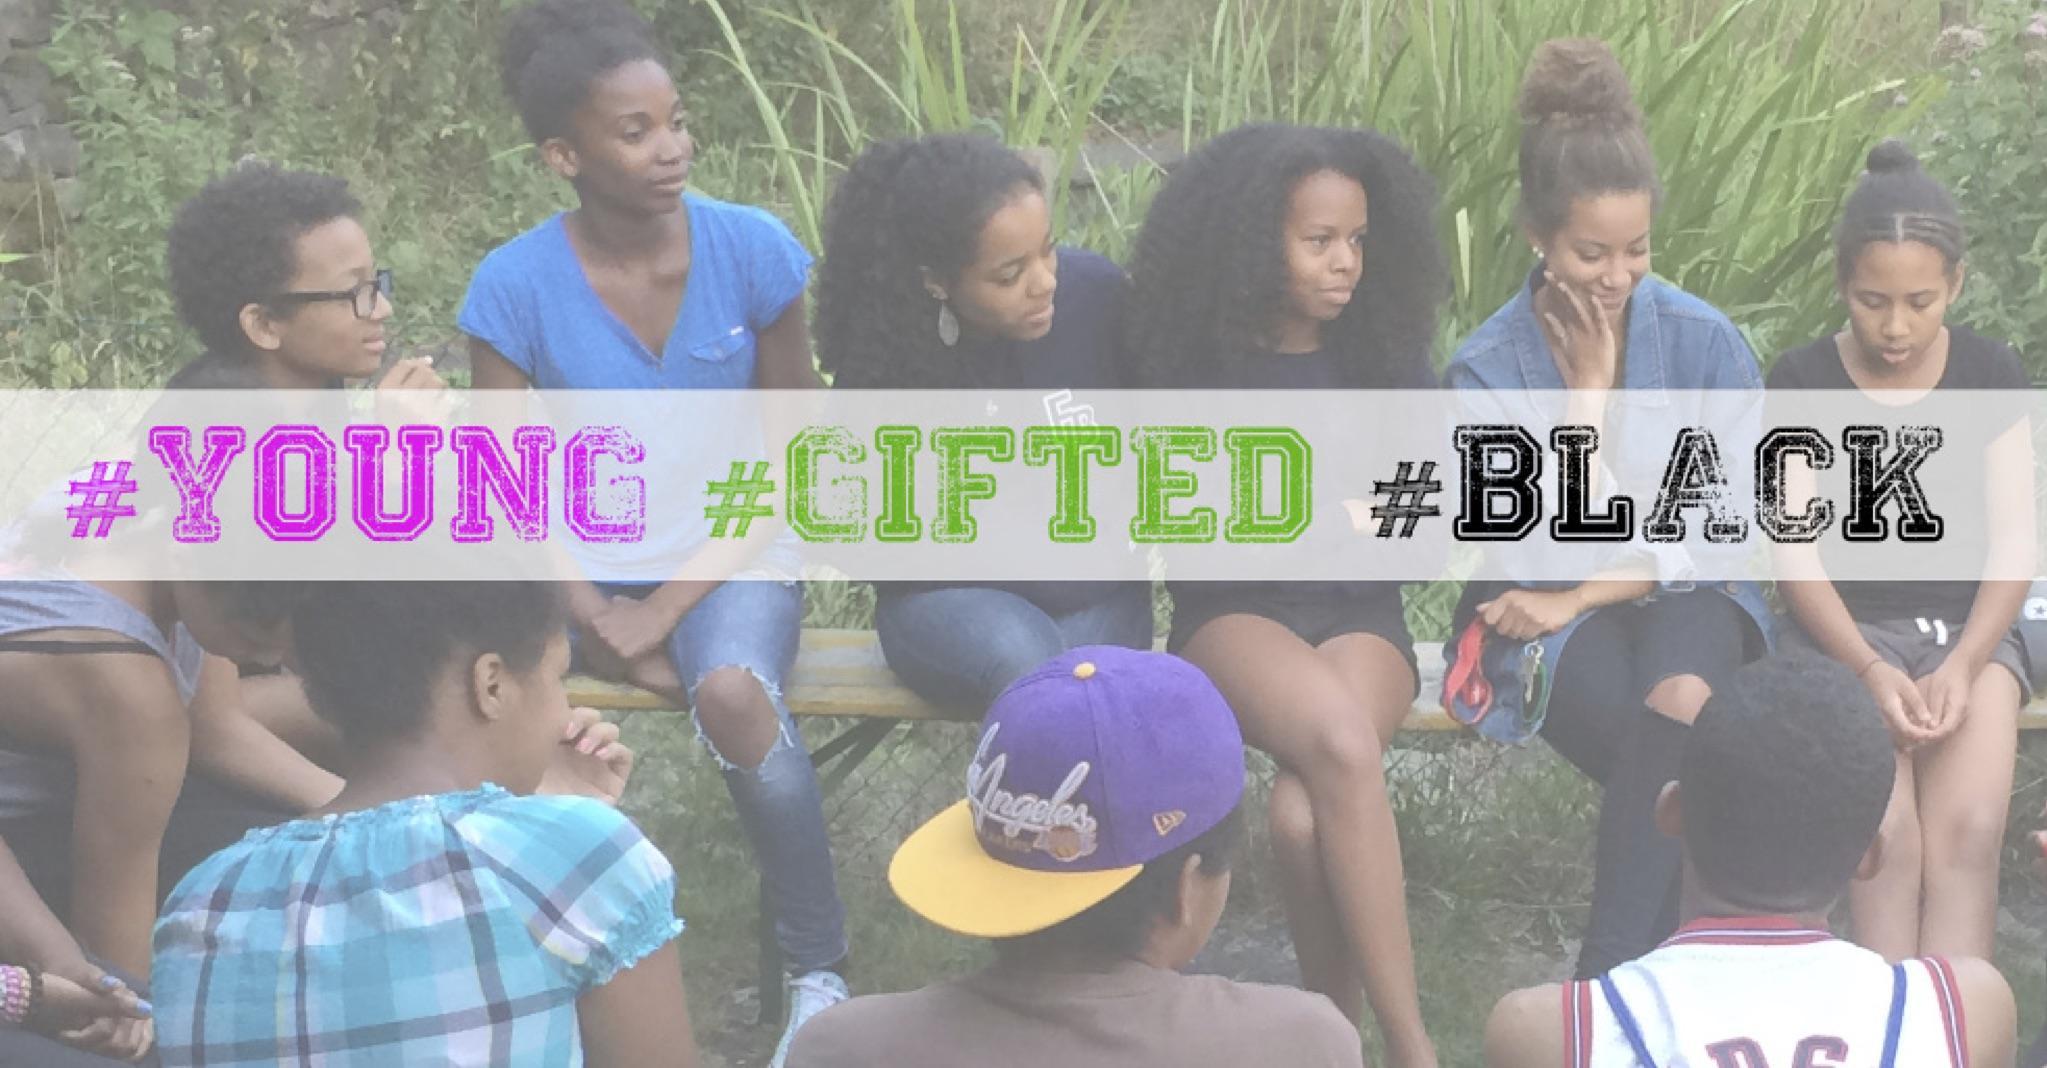 Junge Schwarze Menschen sitzen zusammen und unterhalten sich. Darüber steht #Young #Gifted #Black